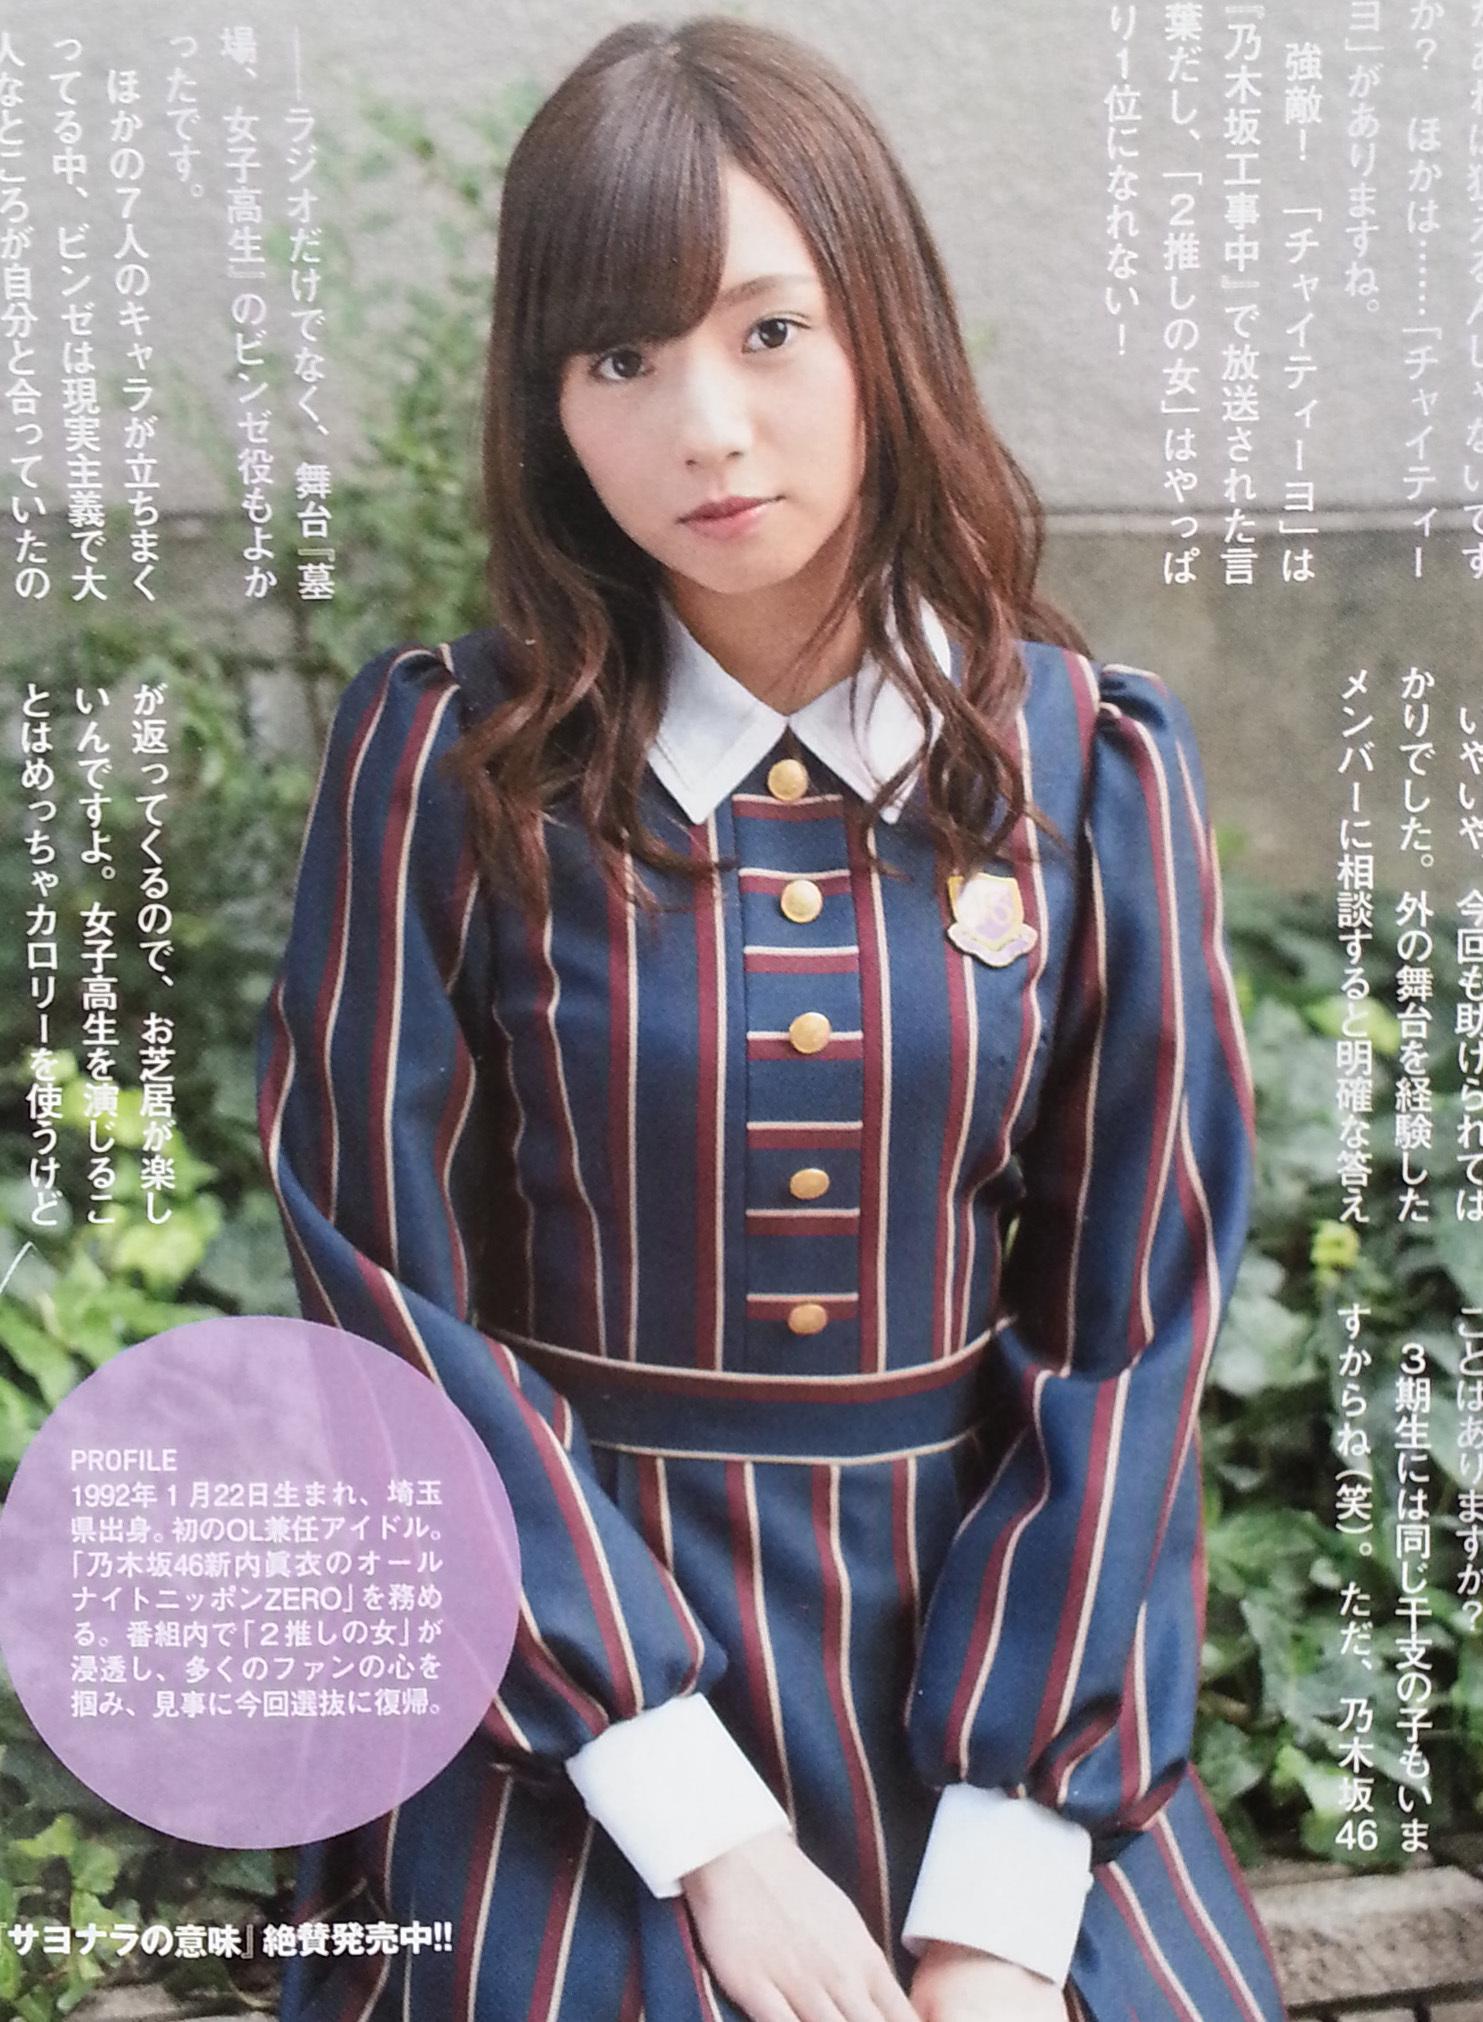 shinuchi_mai001.jpg